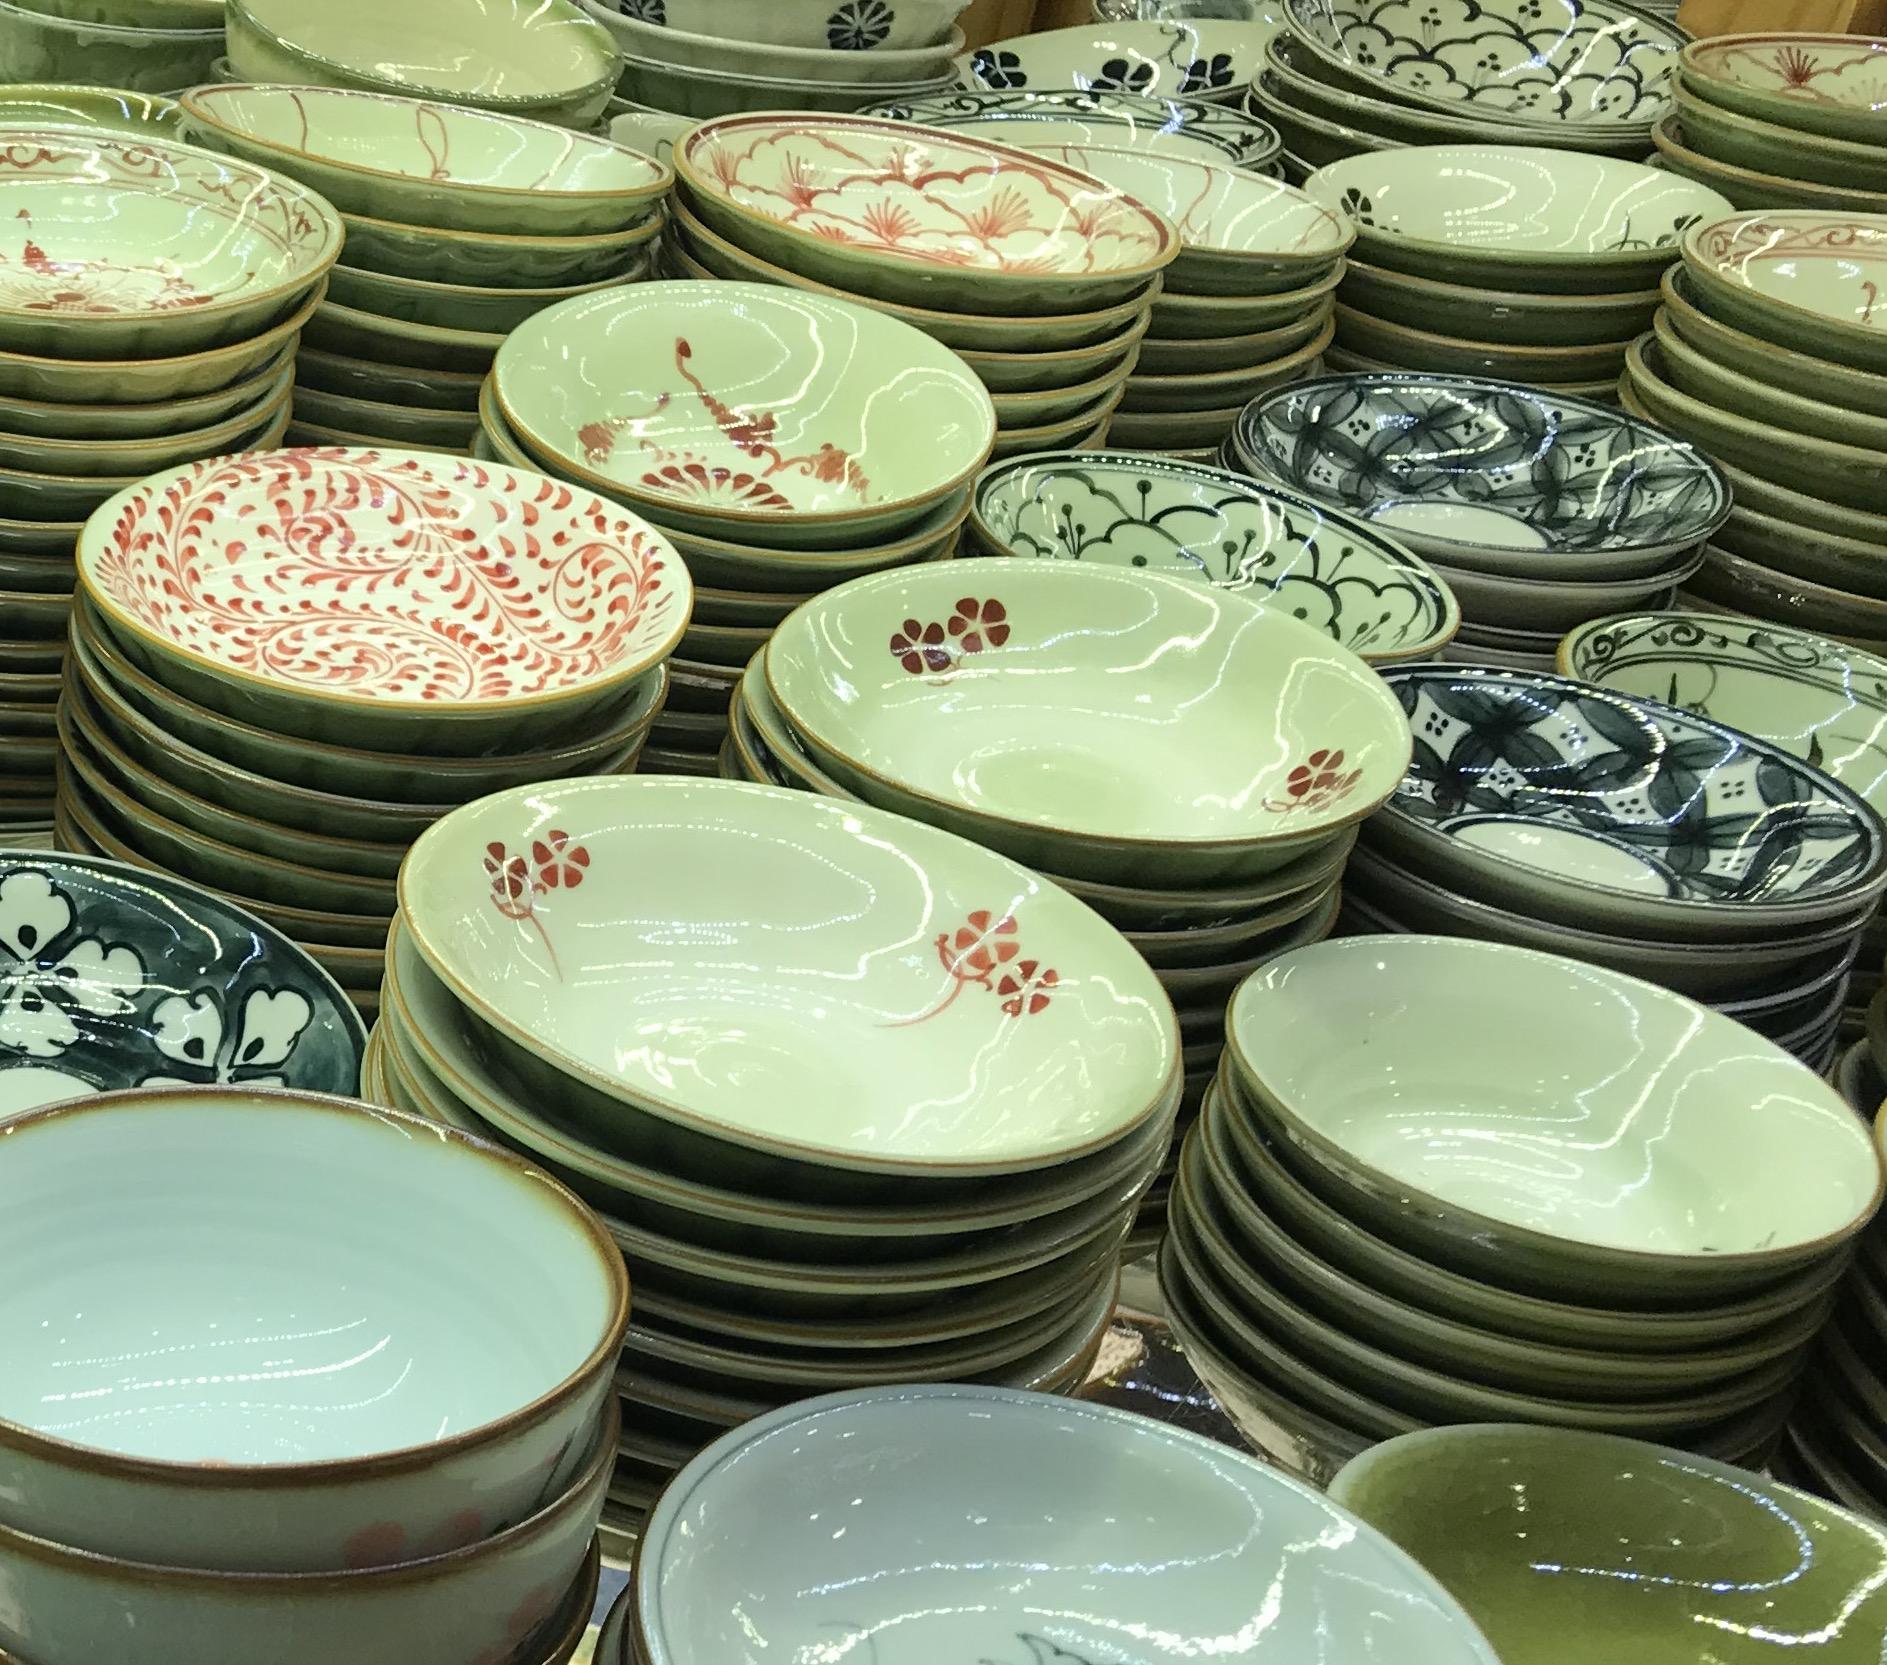 ベトナム・ホーチミンの雑貨のお土産:食器・漆器のお土産(バッチャン焼き)